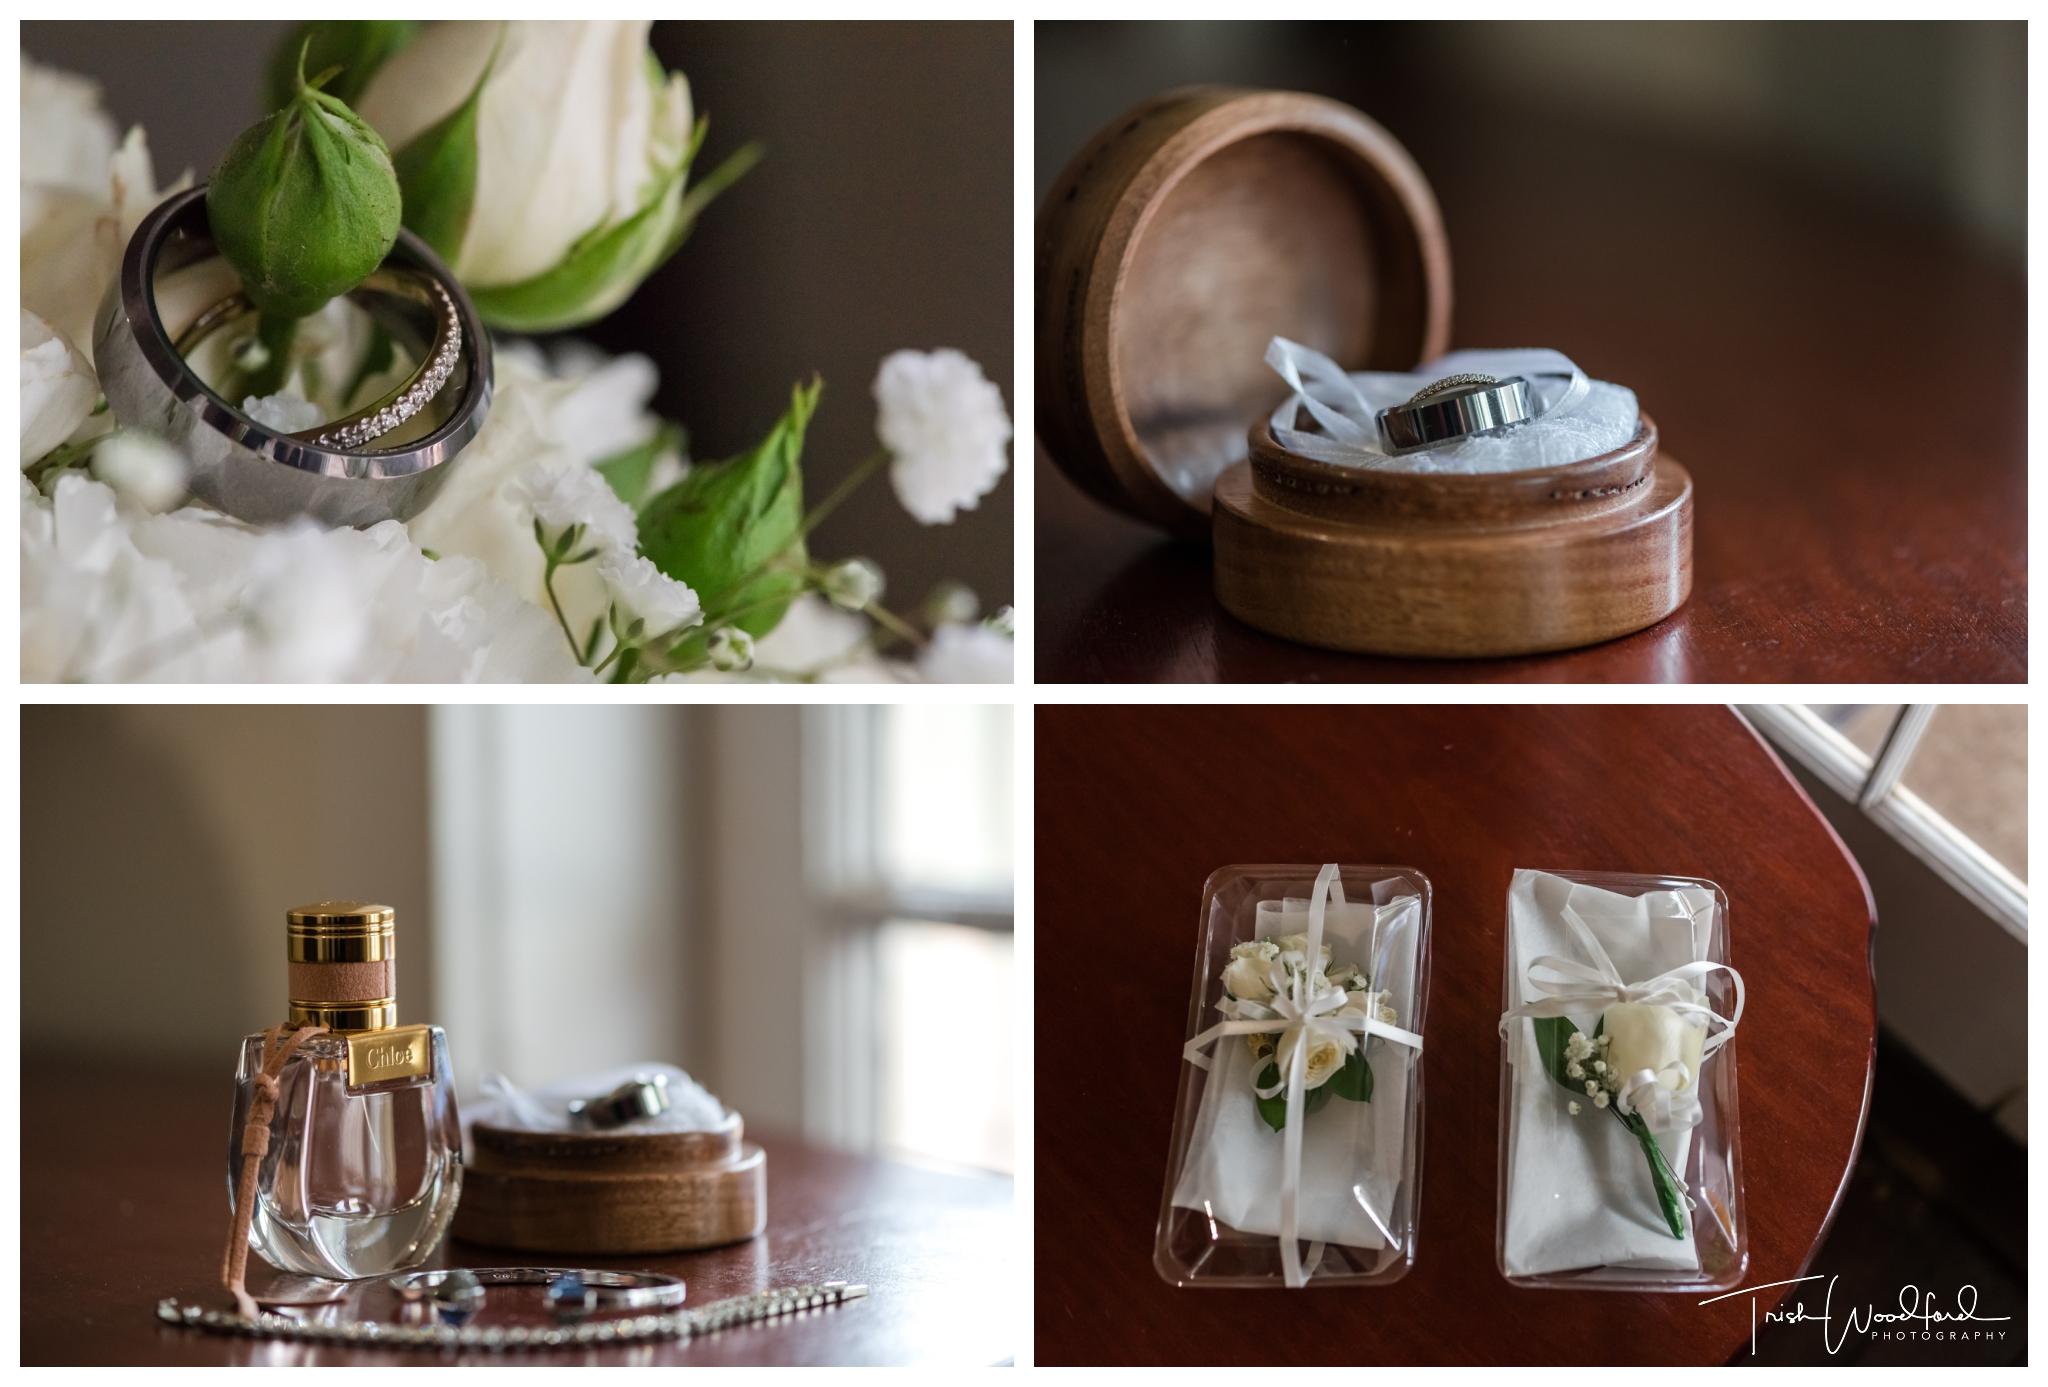 wedding-details-fairbridge-village